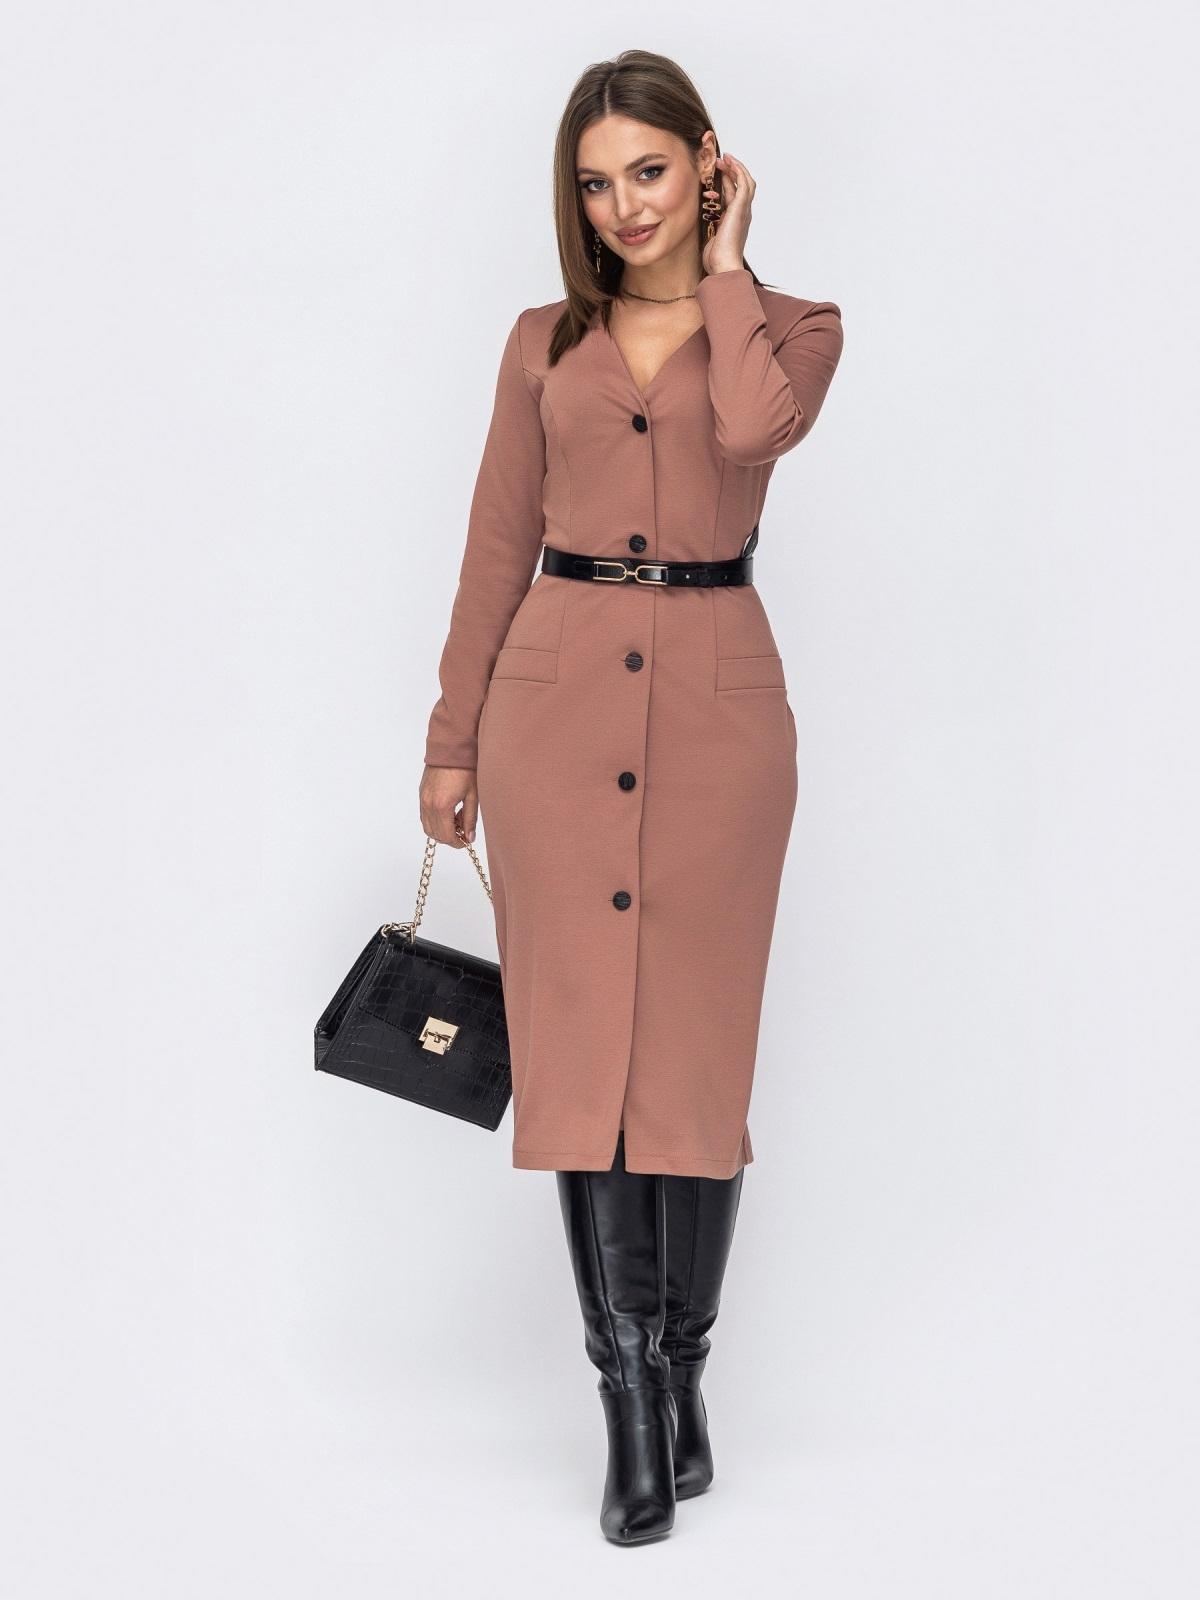 Купить длинные офисные платья в интернет-магазине Dressa